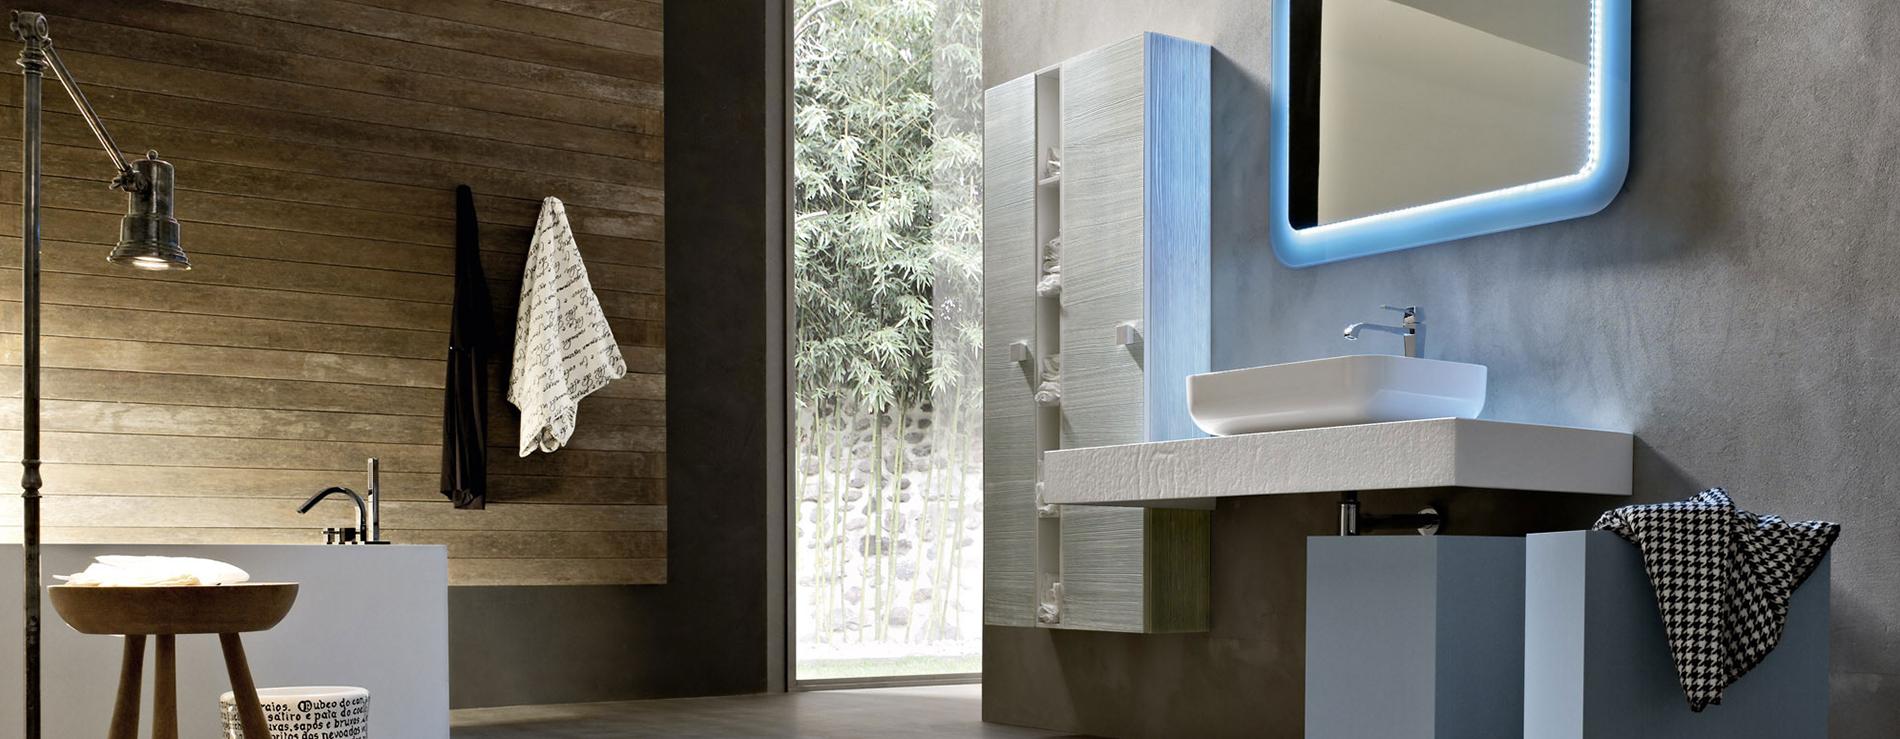 Cucina maniglie gialle for Maniglie mobili bagno